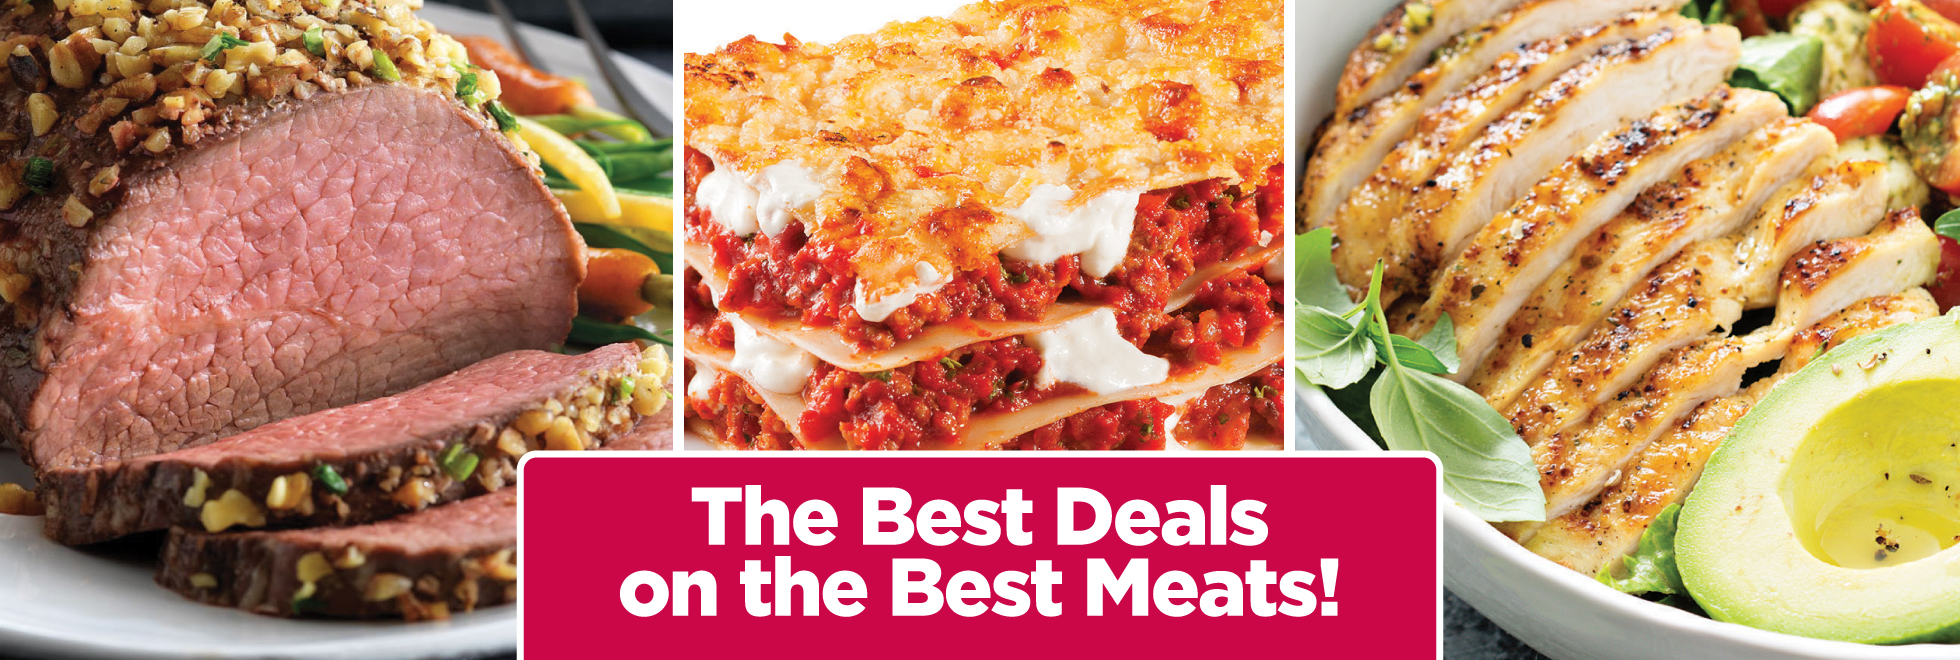 Best Deals in Town on Best Meats